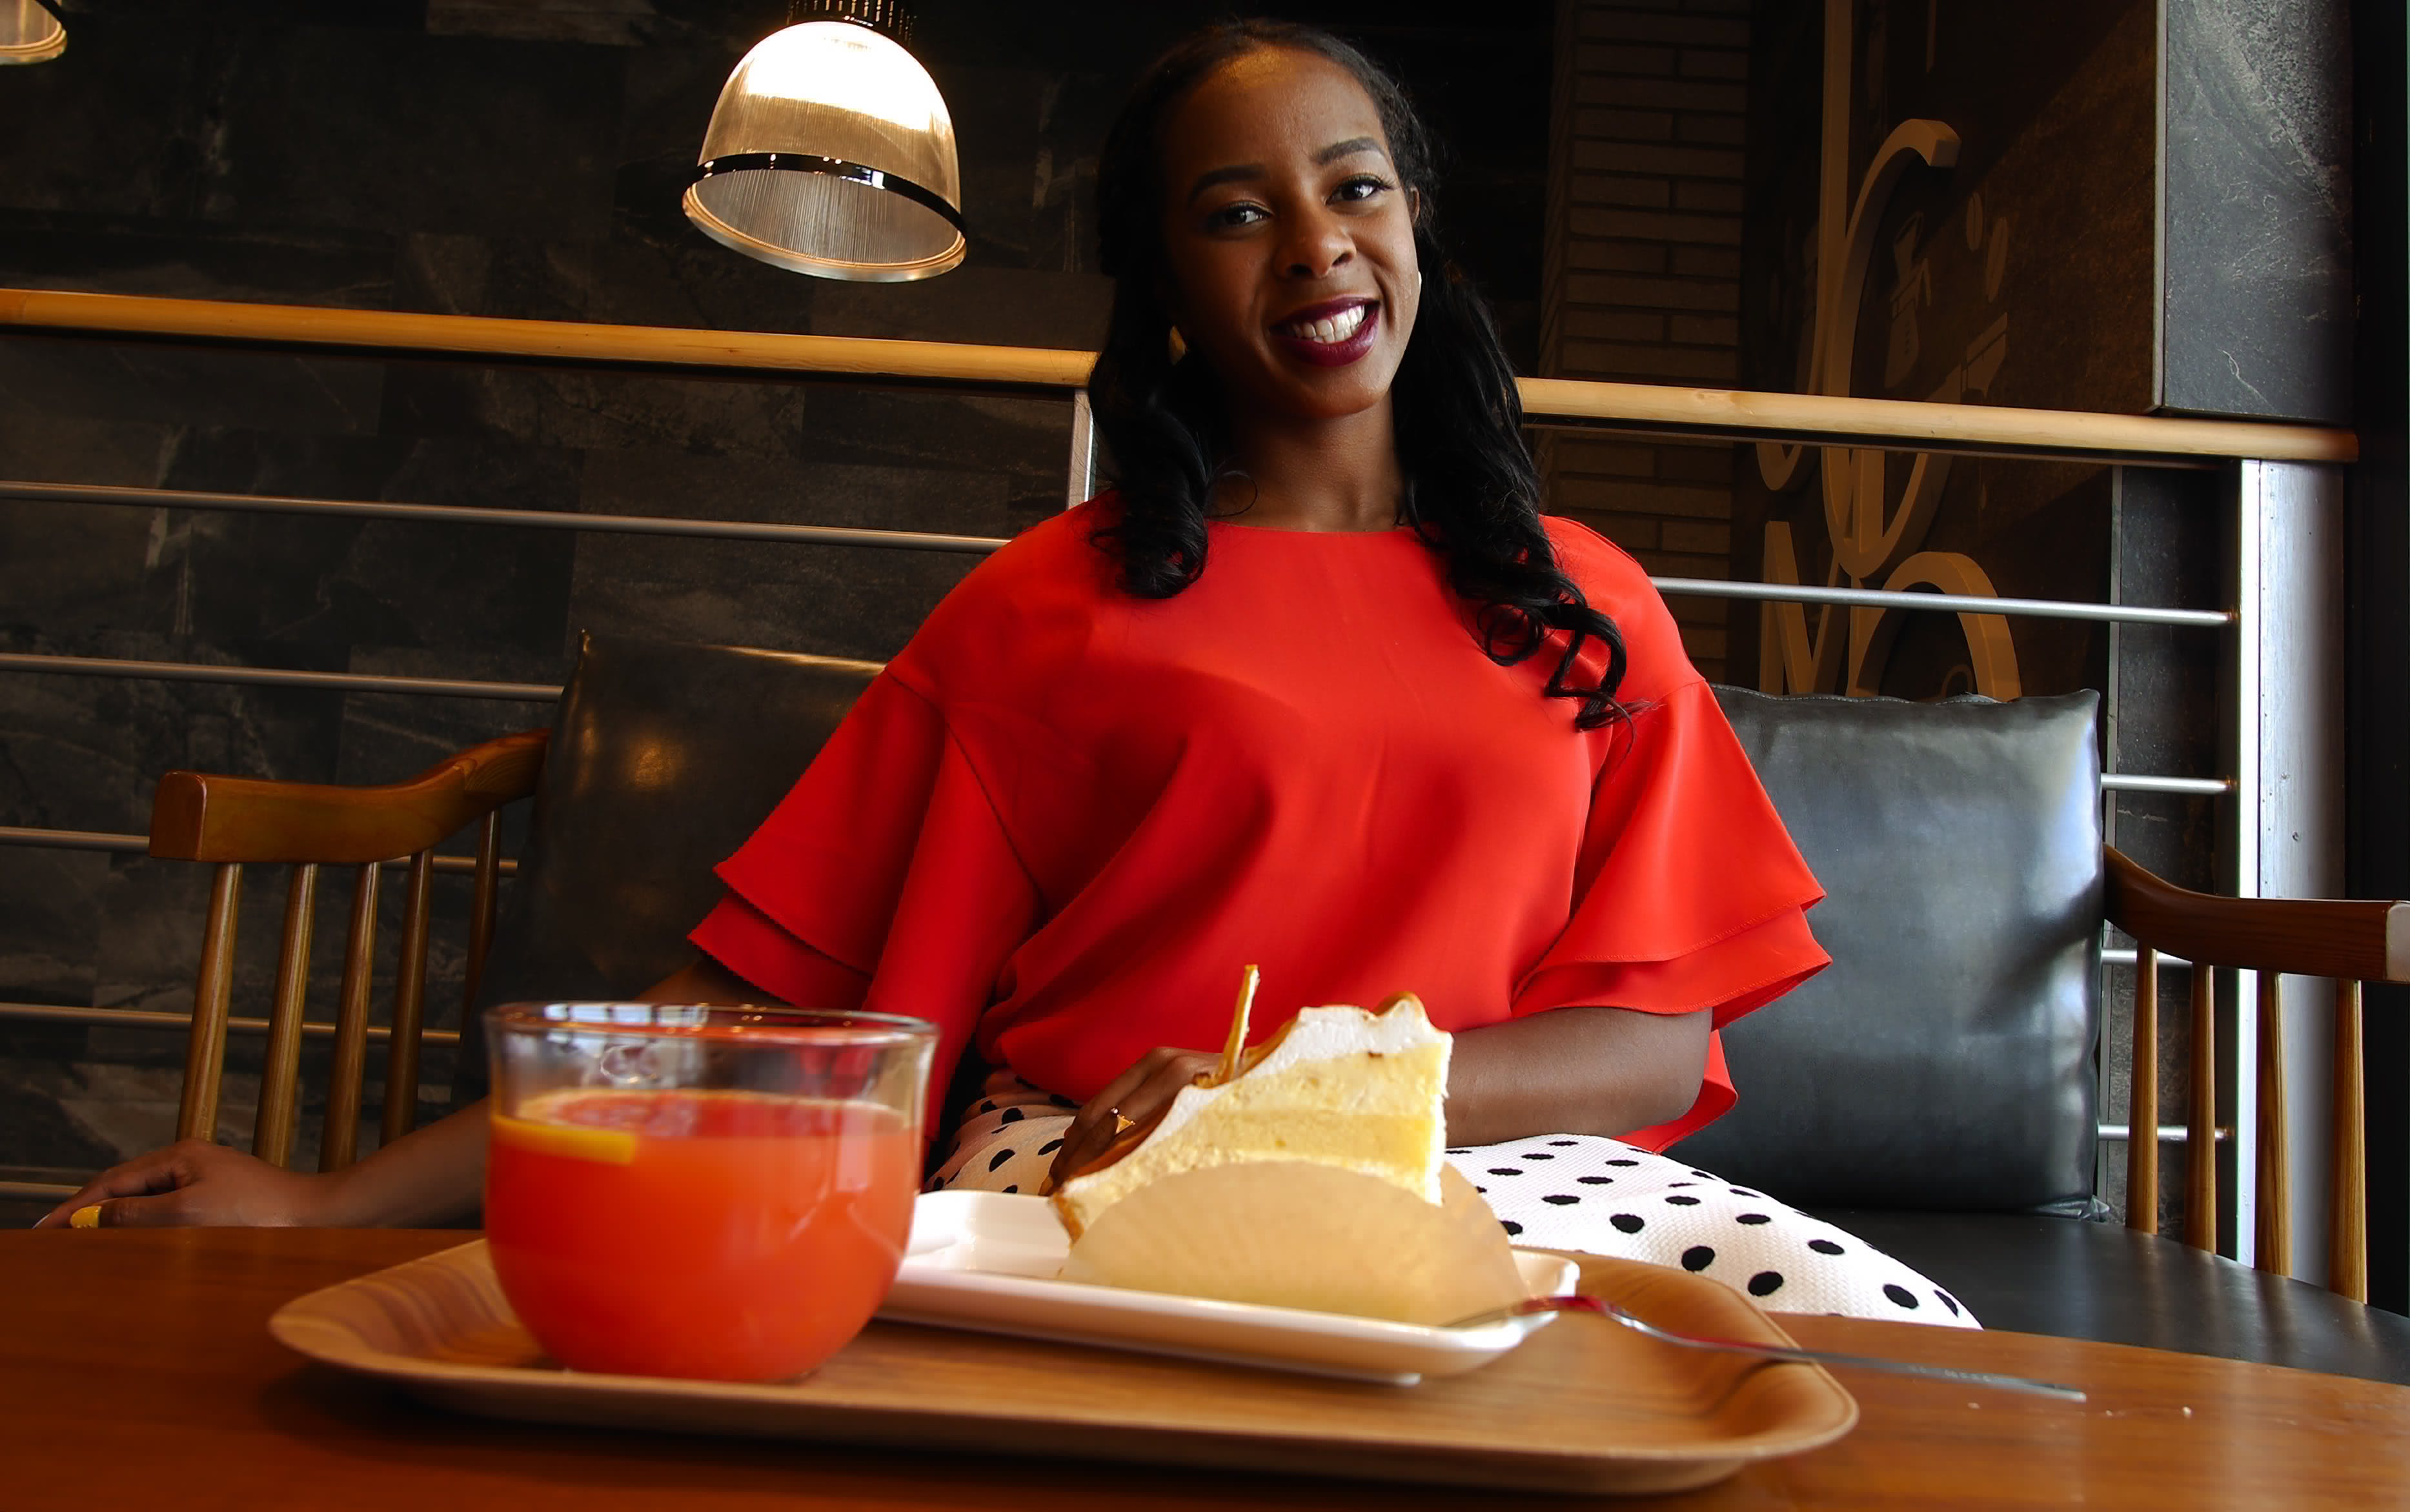 Kostnadsfri bild av afrikansk amerikan kvinna, ansiktsuttryck, bricka, dryck